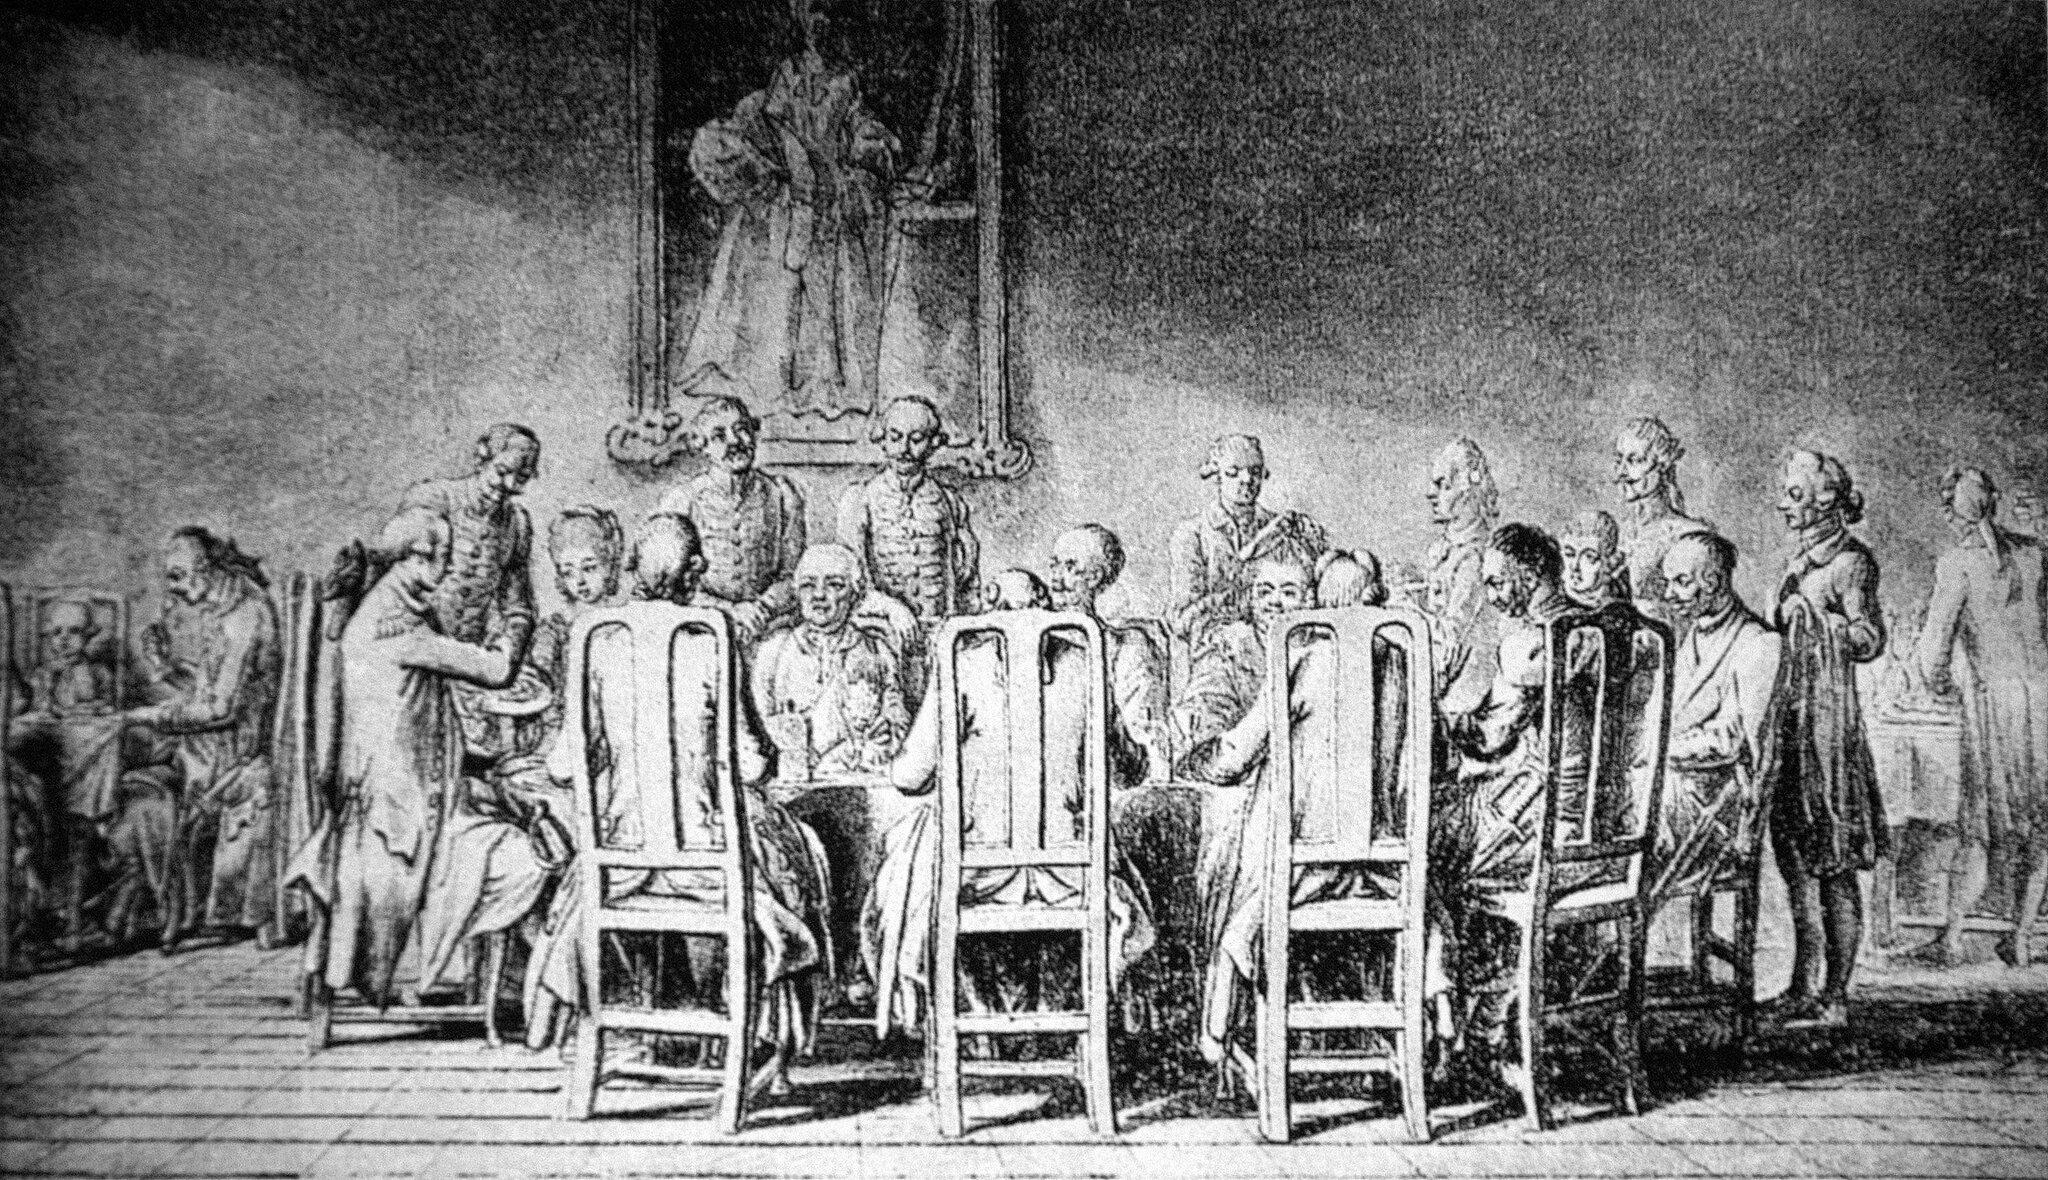 Uczta uksięcia Prymasa Źródło: Daniel Chodowiecki, Uczta uksięcia Prymasa, XVIII wiek, domena publiczna.